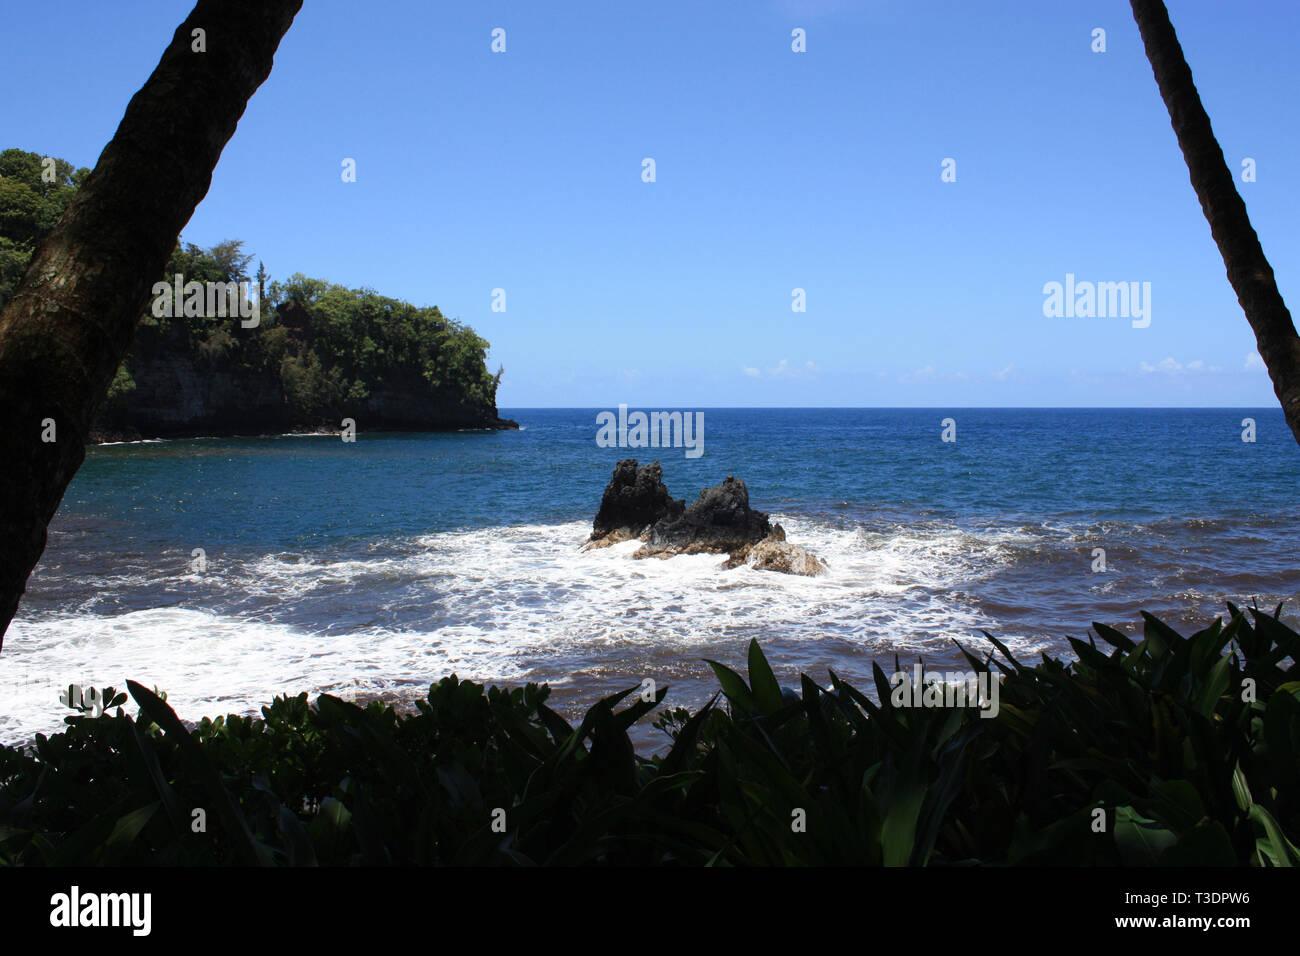 Una vista de la Bahía Onomea en Papaikou, Hawaii, EE.UU. Foto de stock